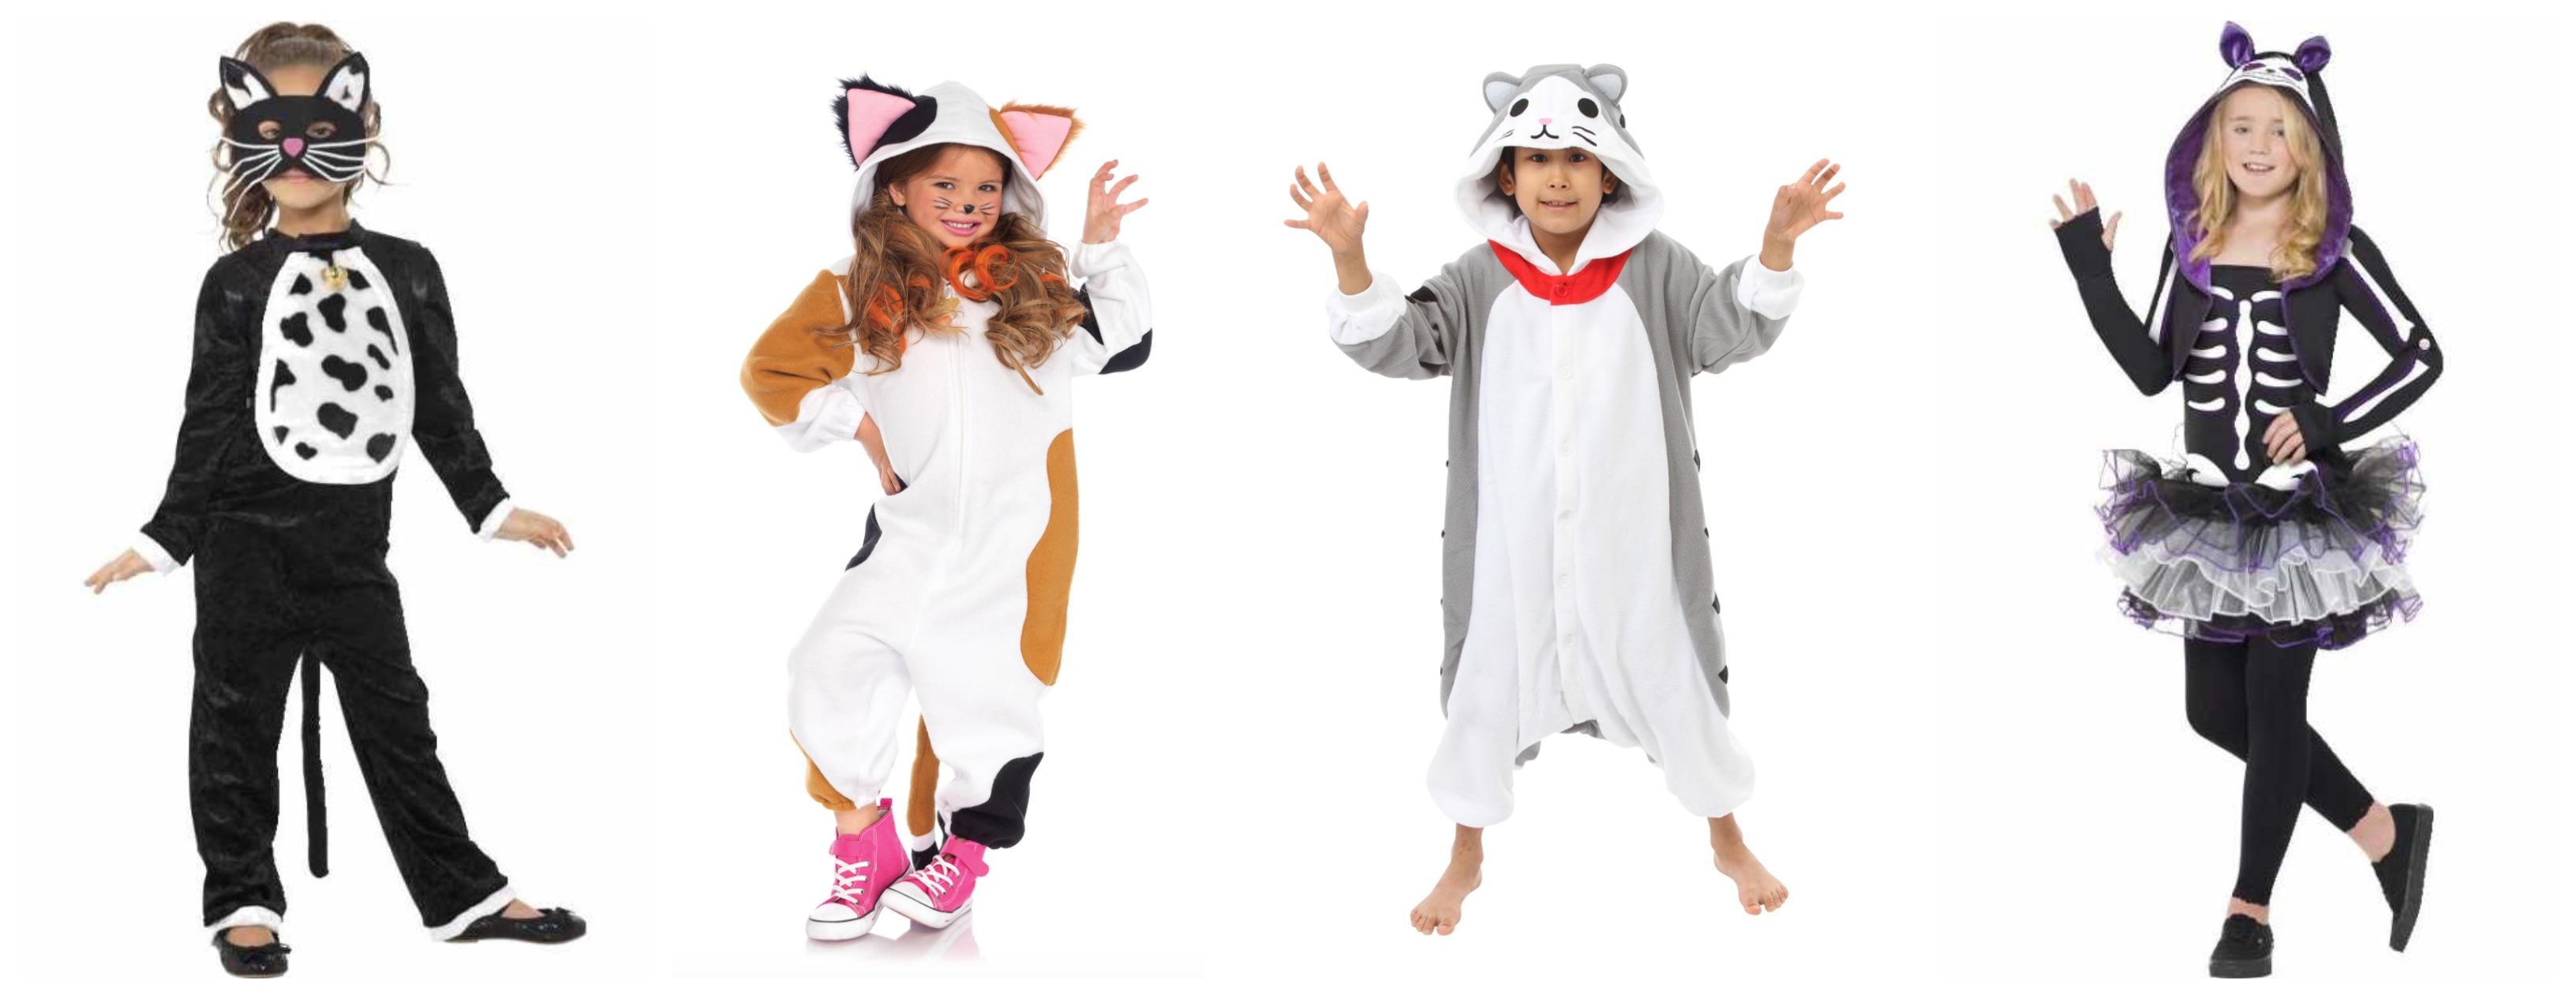 kat kostume til børn - Katte kostume til børn